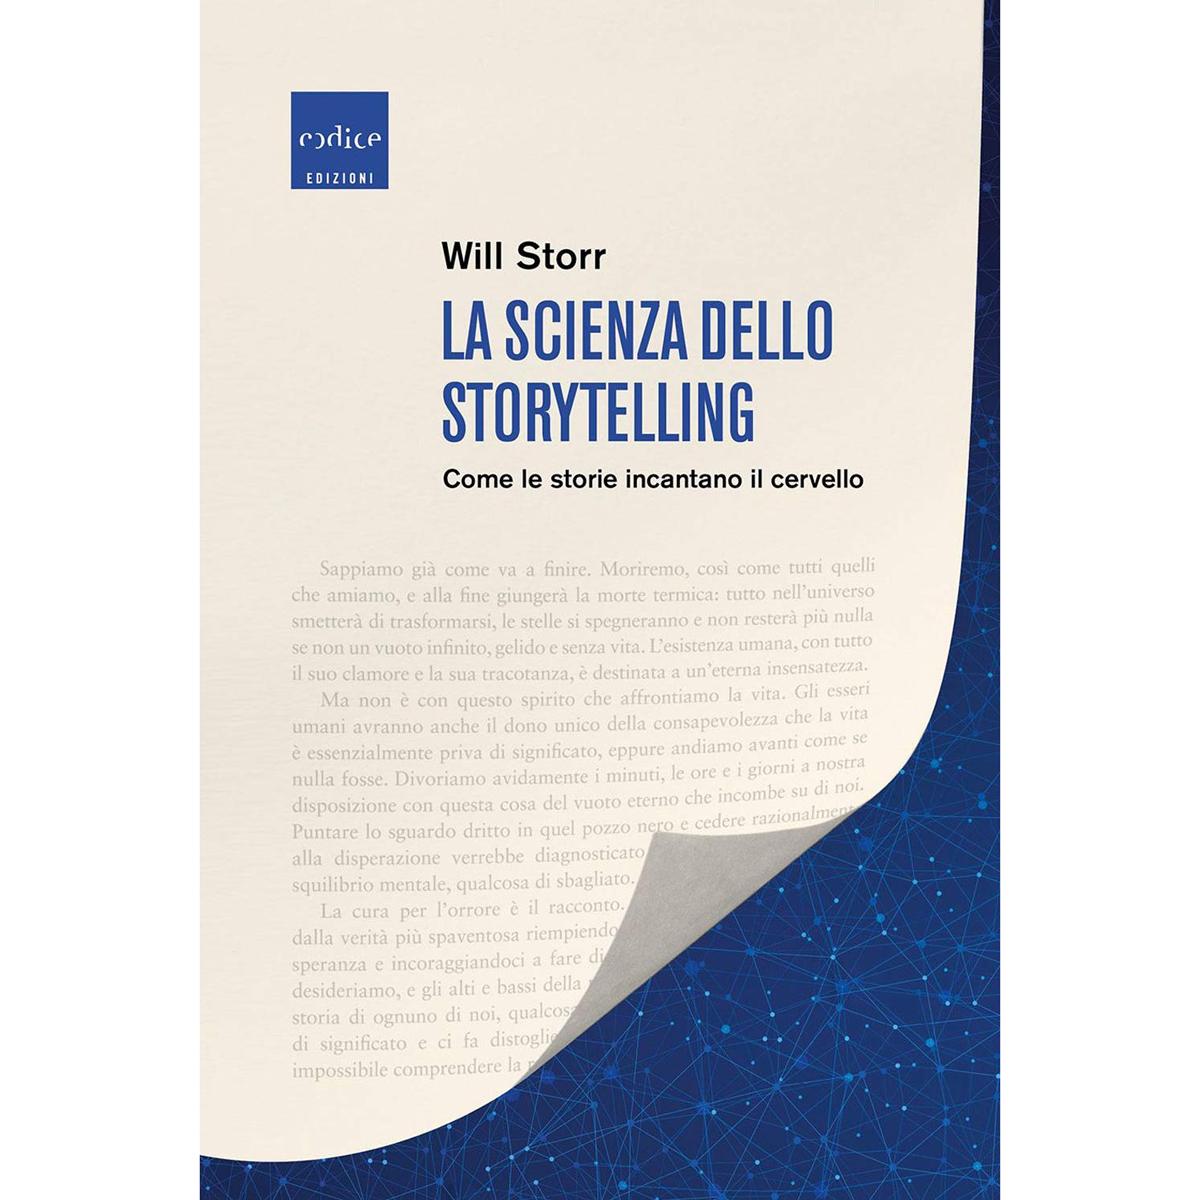 LA SCIENZA DELLO STORYTELLING